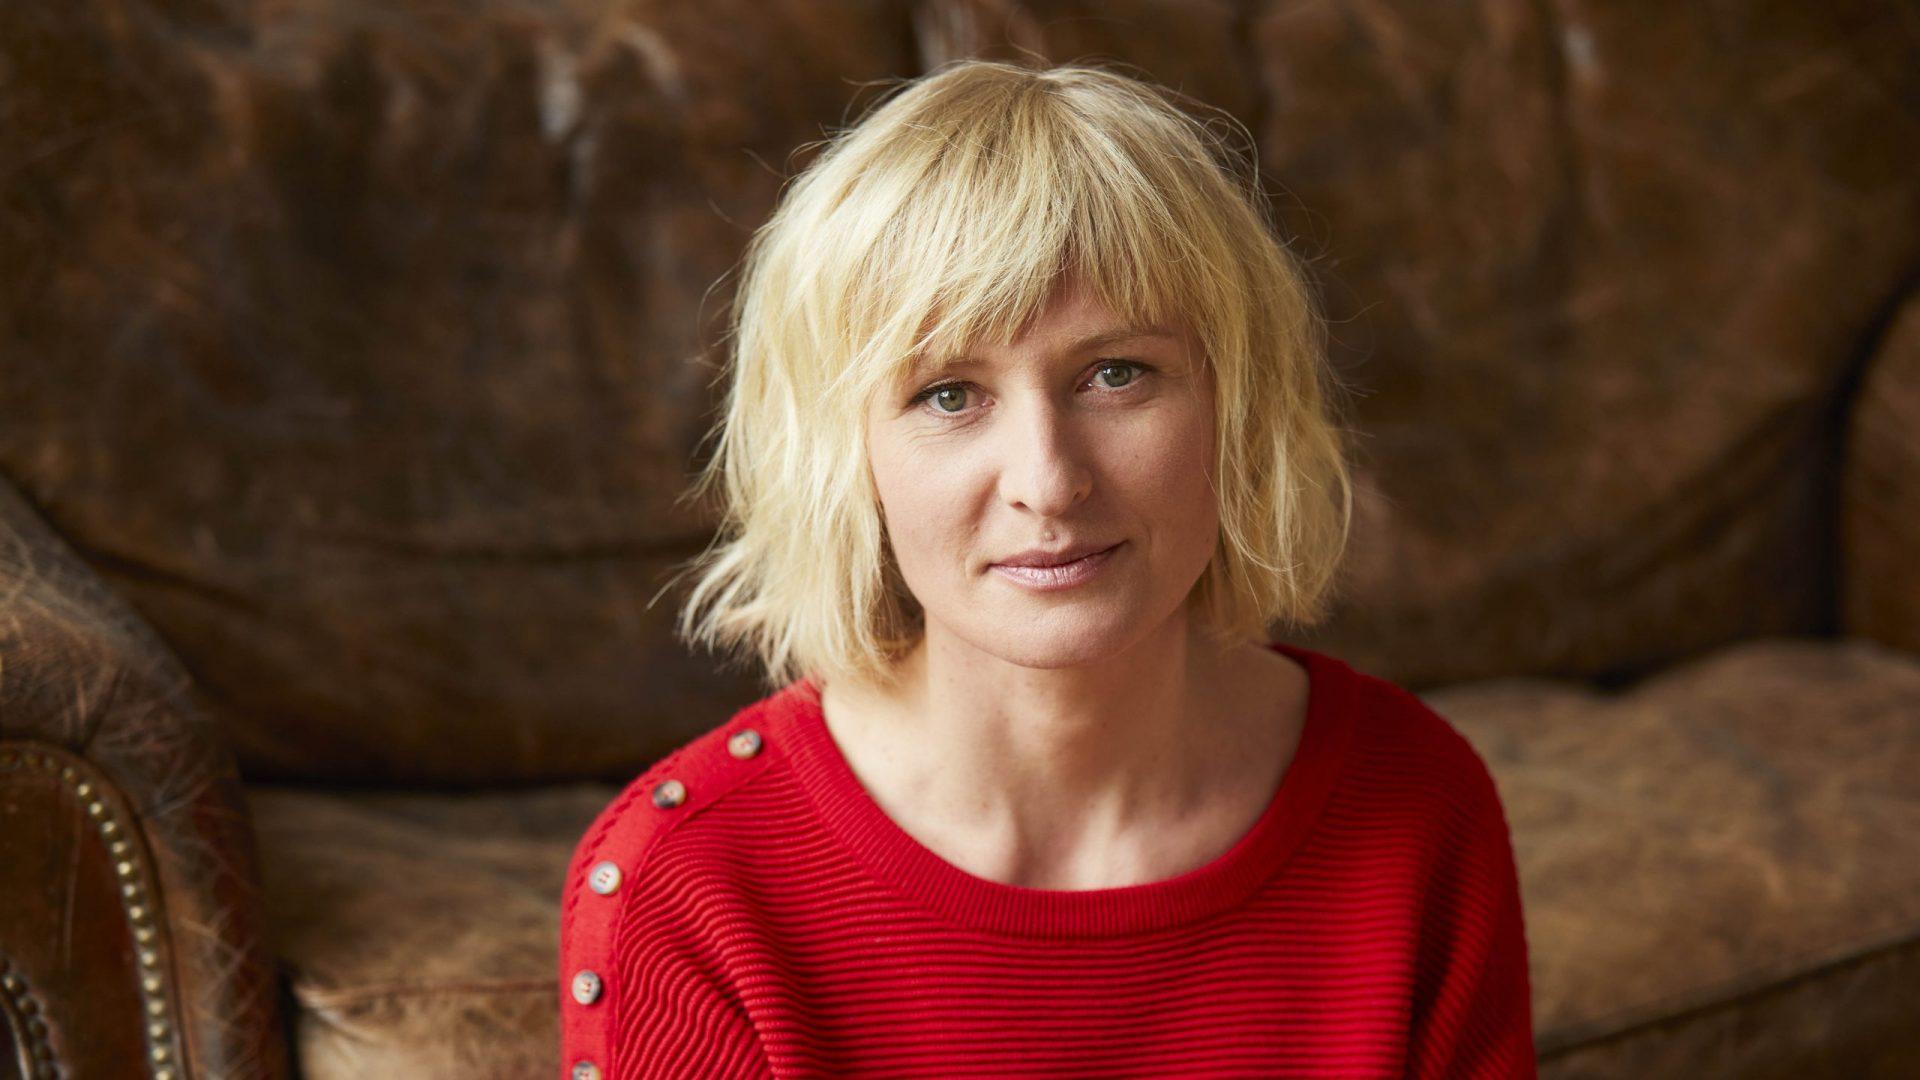 Ivonne Schwarz